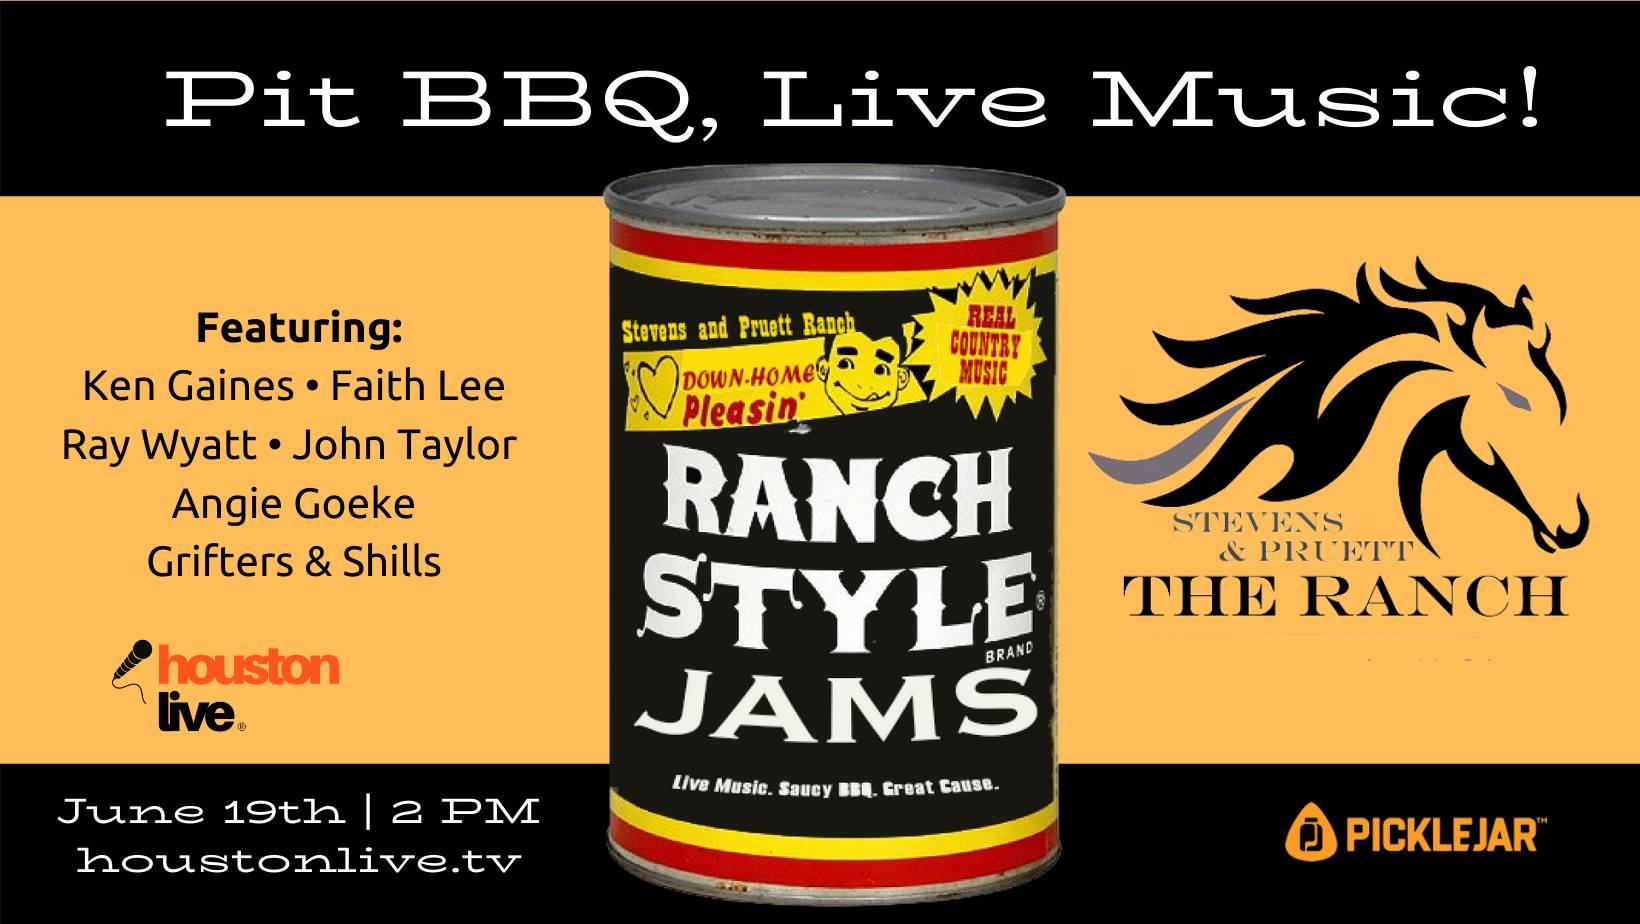 Stevens Pruett Ranch Style Jams